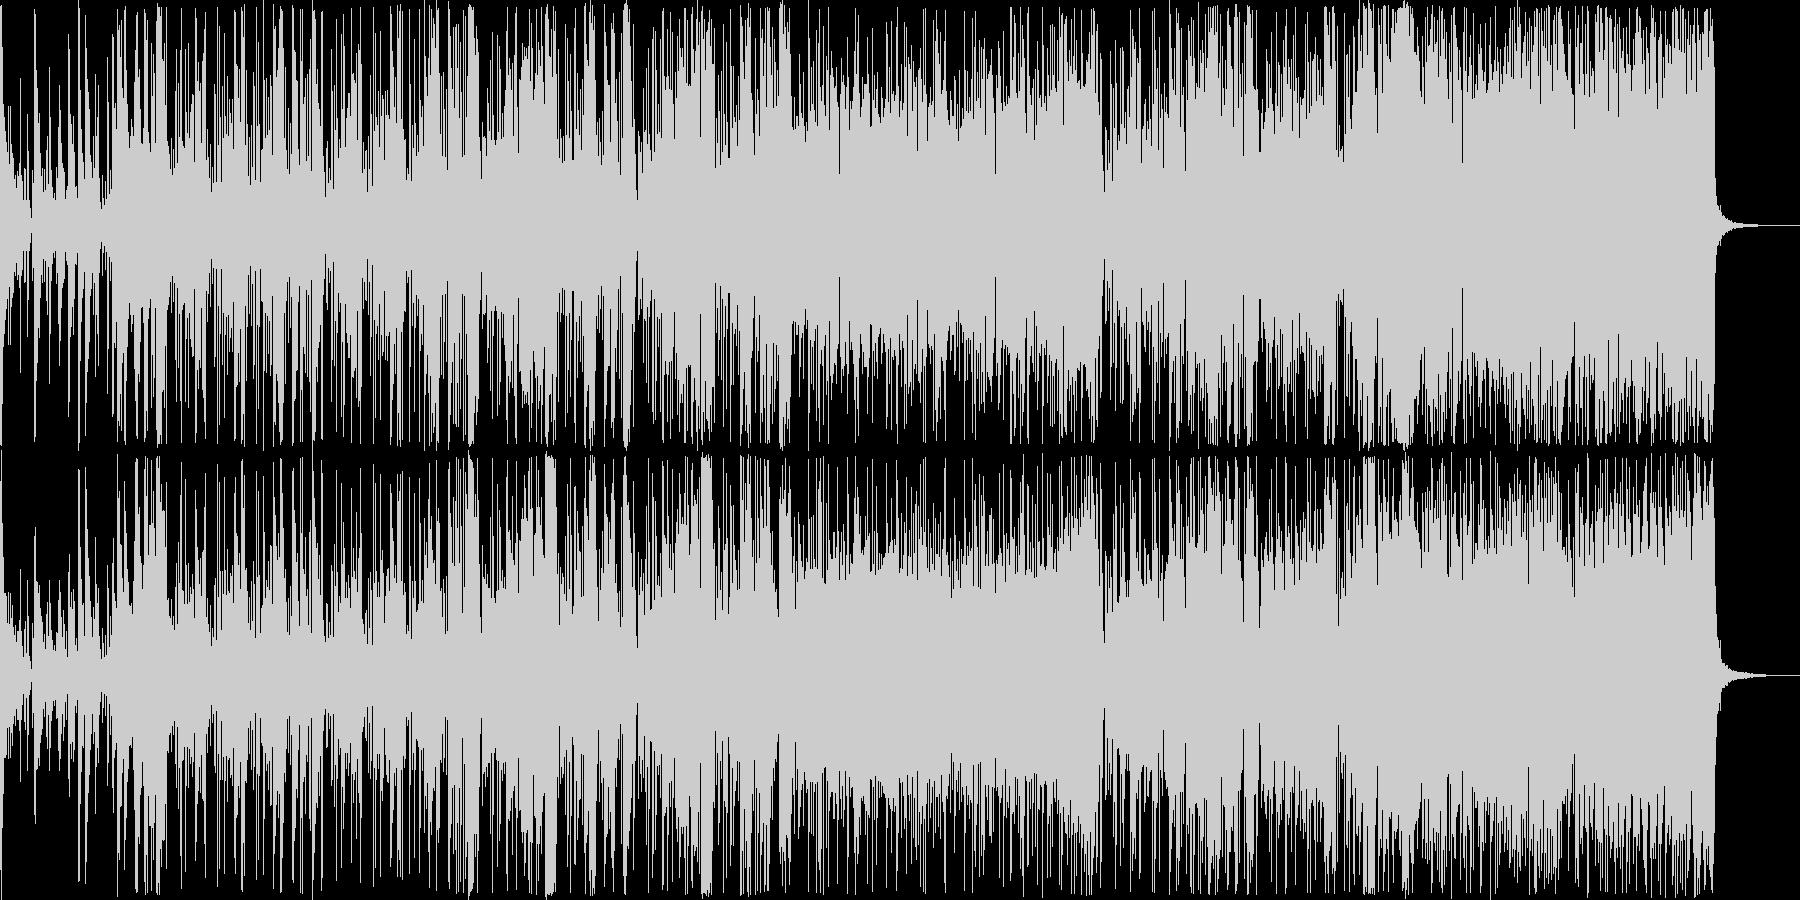 近未来のランニングミュージックの未再生の波形